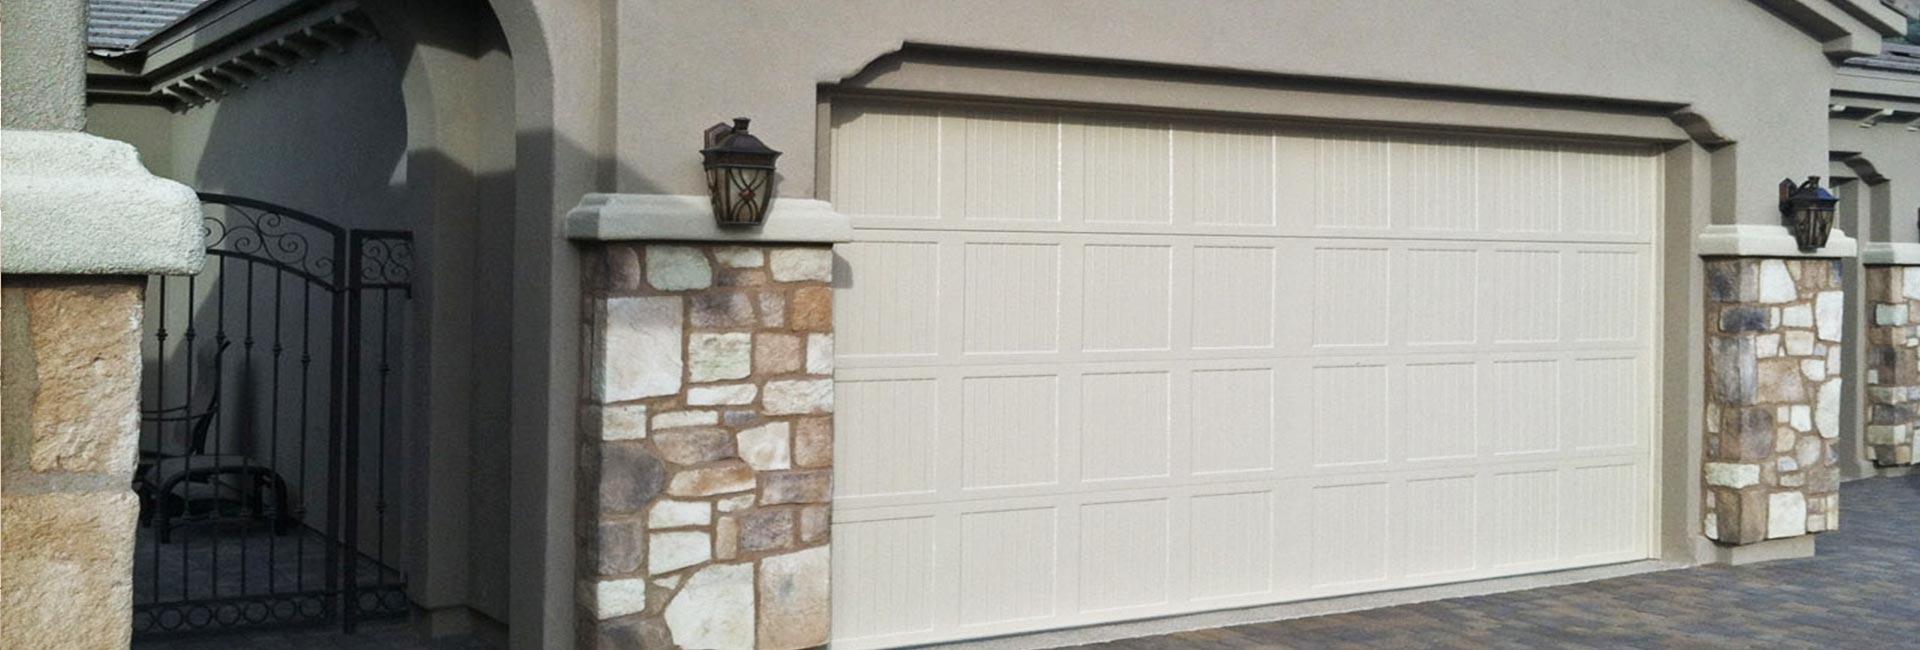 Garage door service and repair contractor in sedona az premier source of garage door repairs contact us today rubansaba